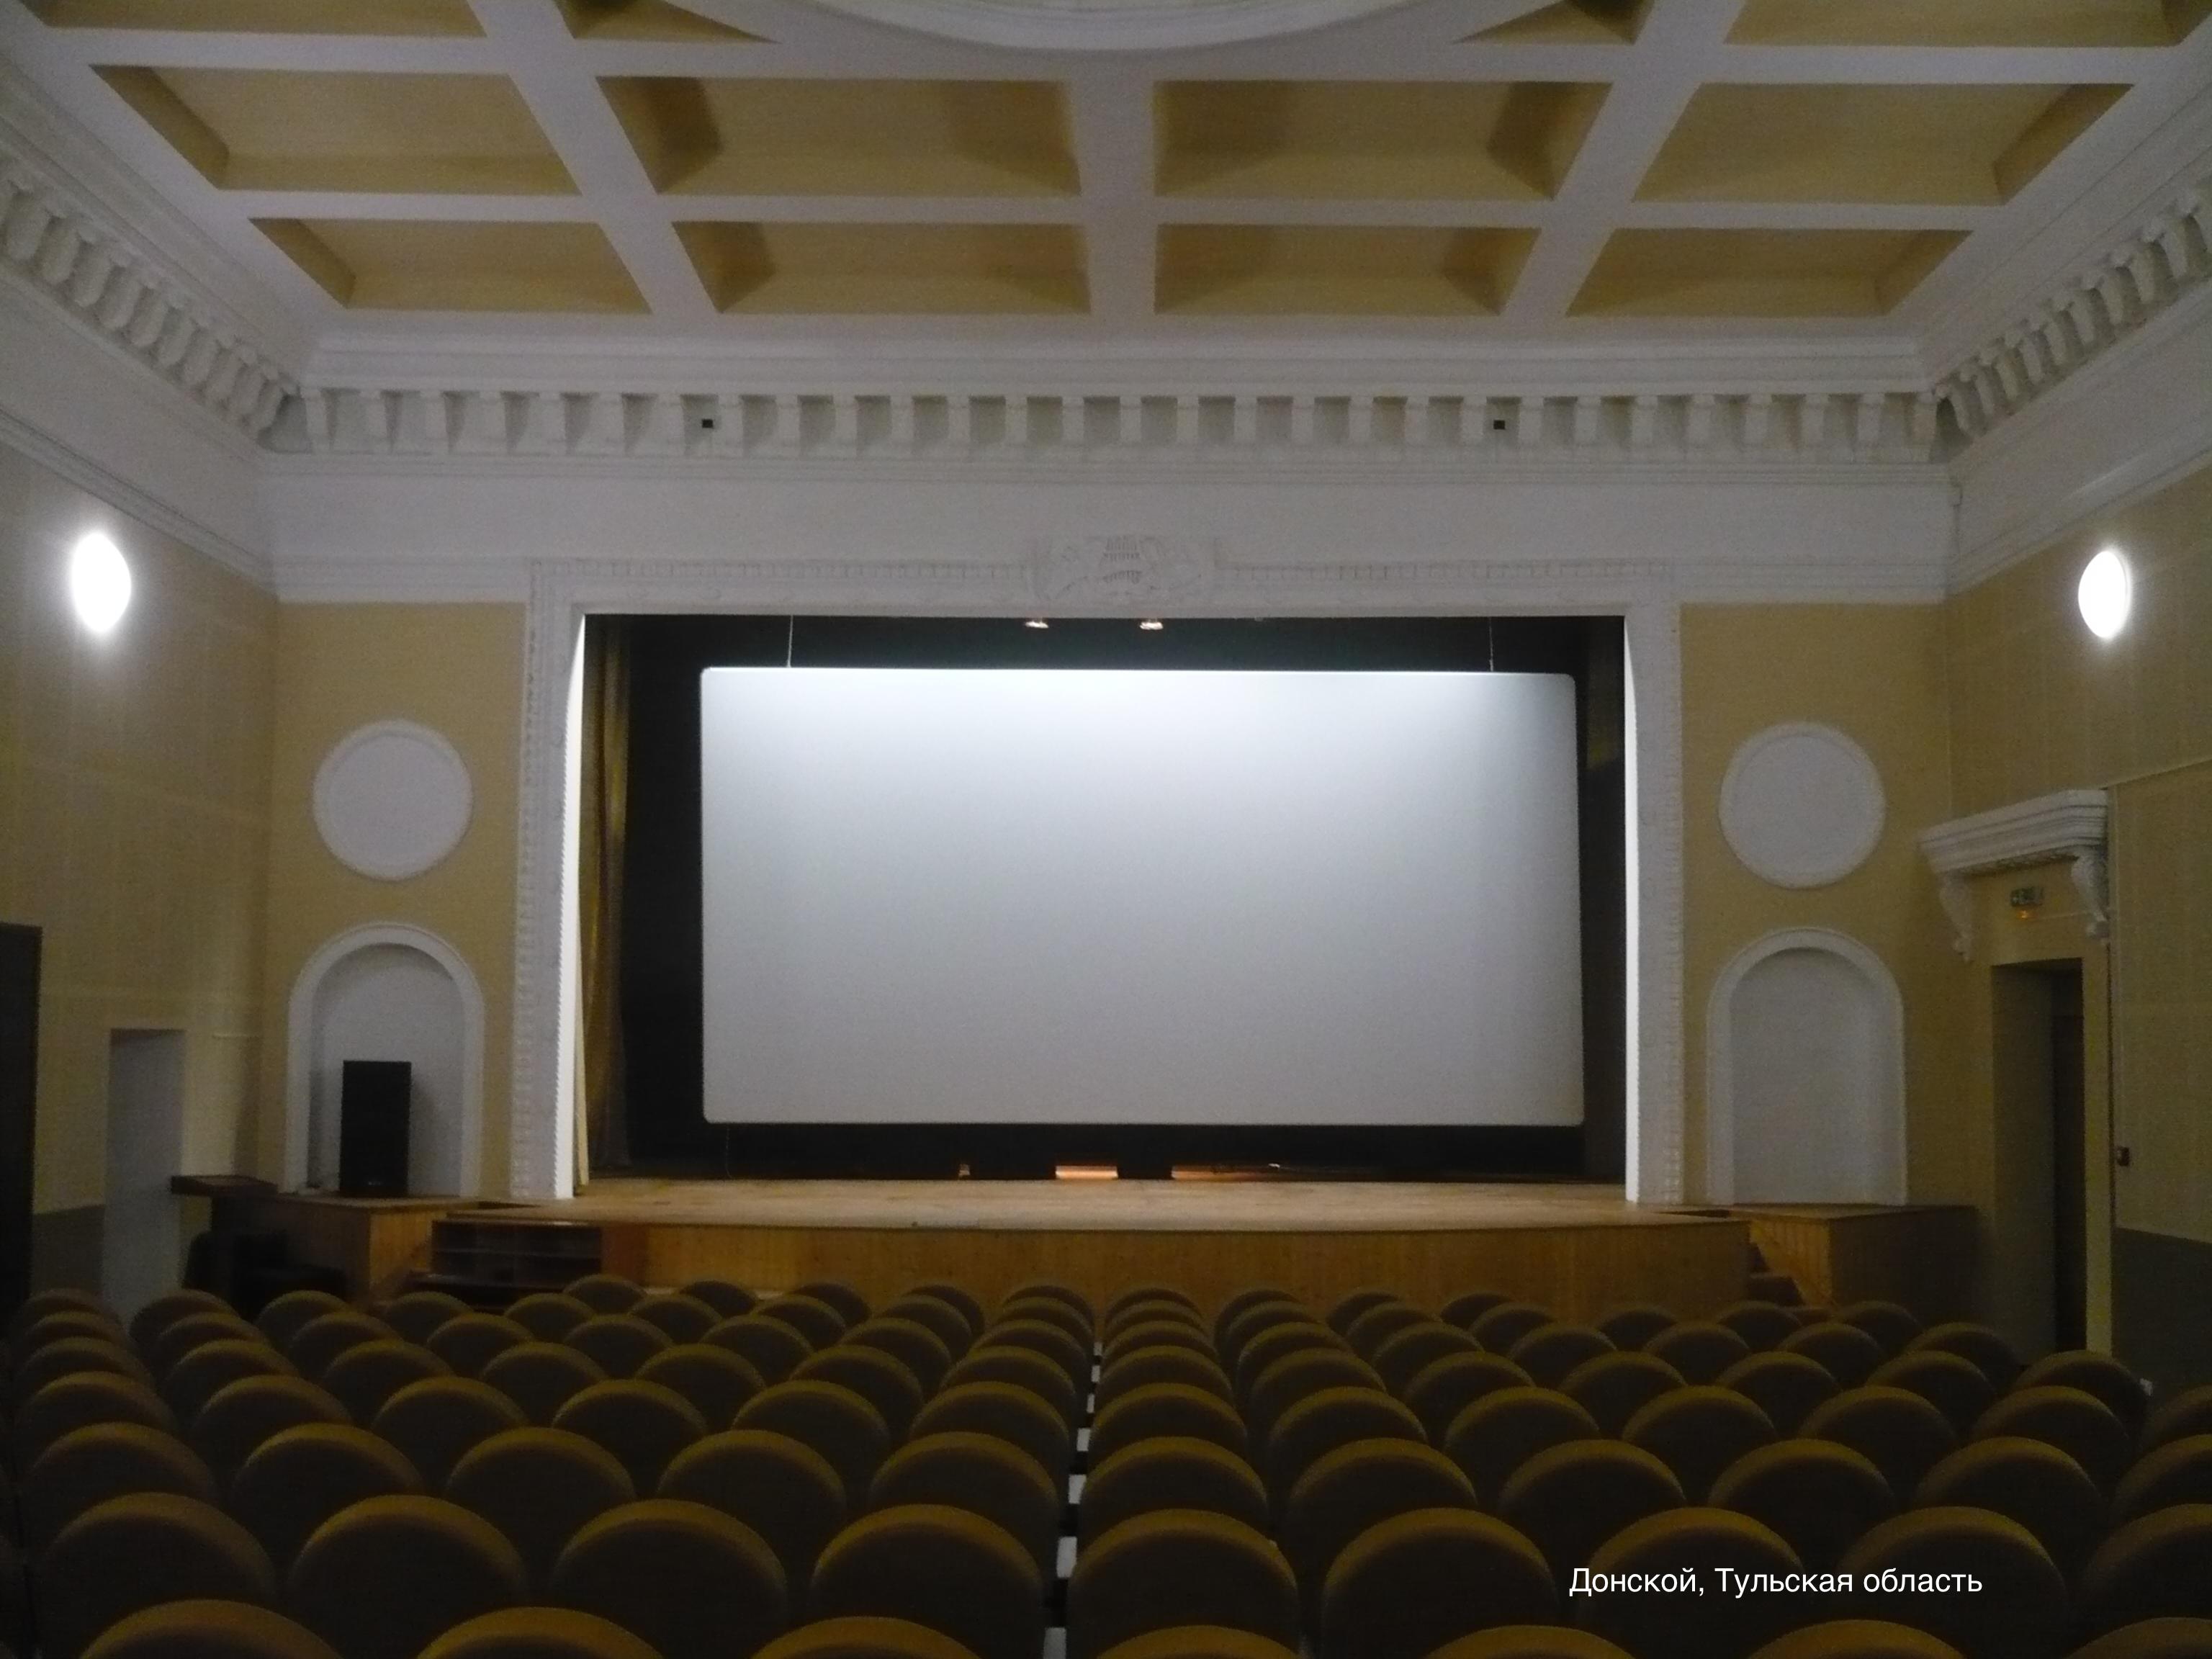 Фонд кино объявляет четвертый конкурс по поддержке кинотеатров в населенных пунктах Российской Федерации с количеством жителей до 500 тыс. человек